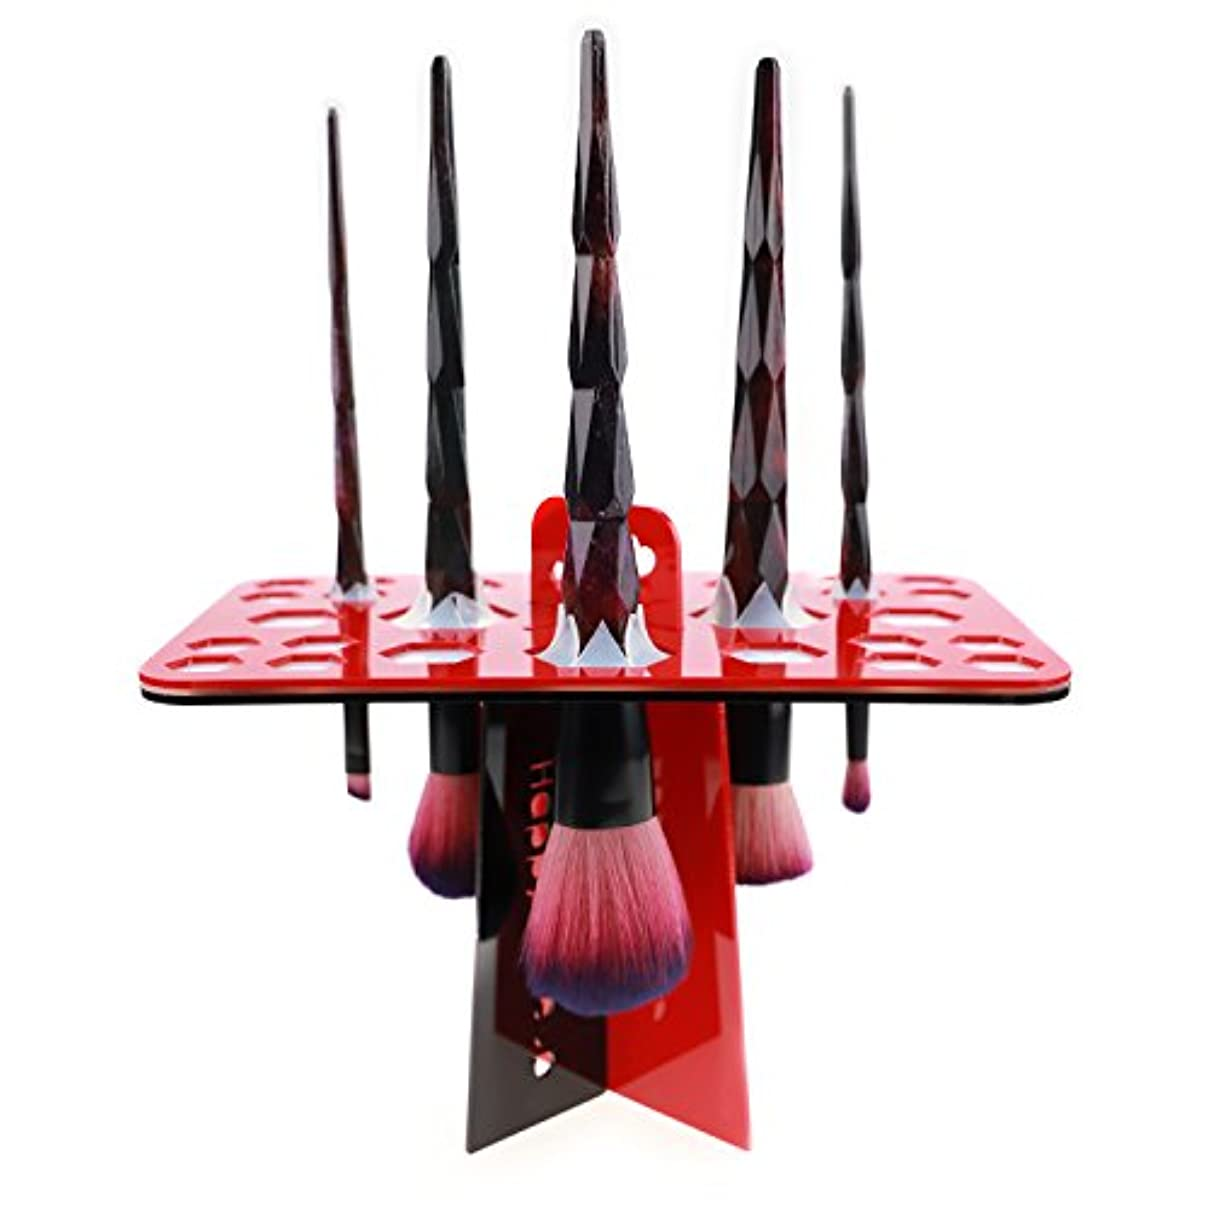 退却剛性擁するメイクブラシスタンド 赤 化粧ブラシスタンド アクリル製 折畳み可 26本収納 レッド